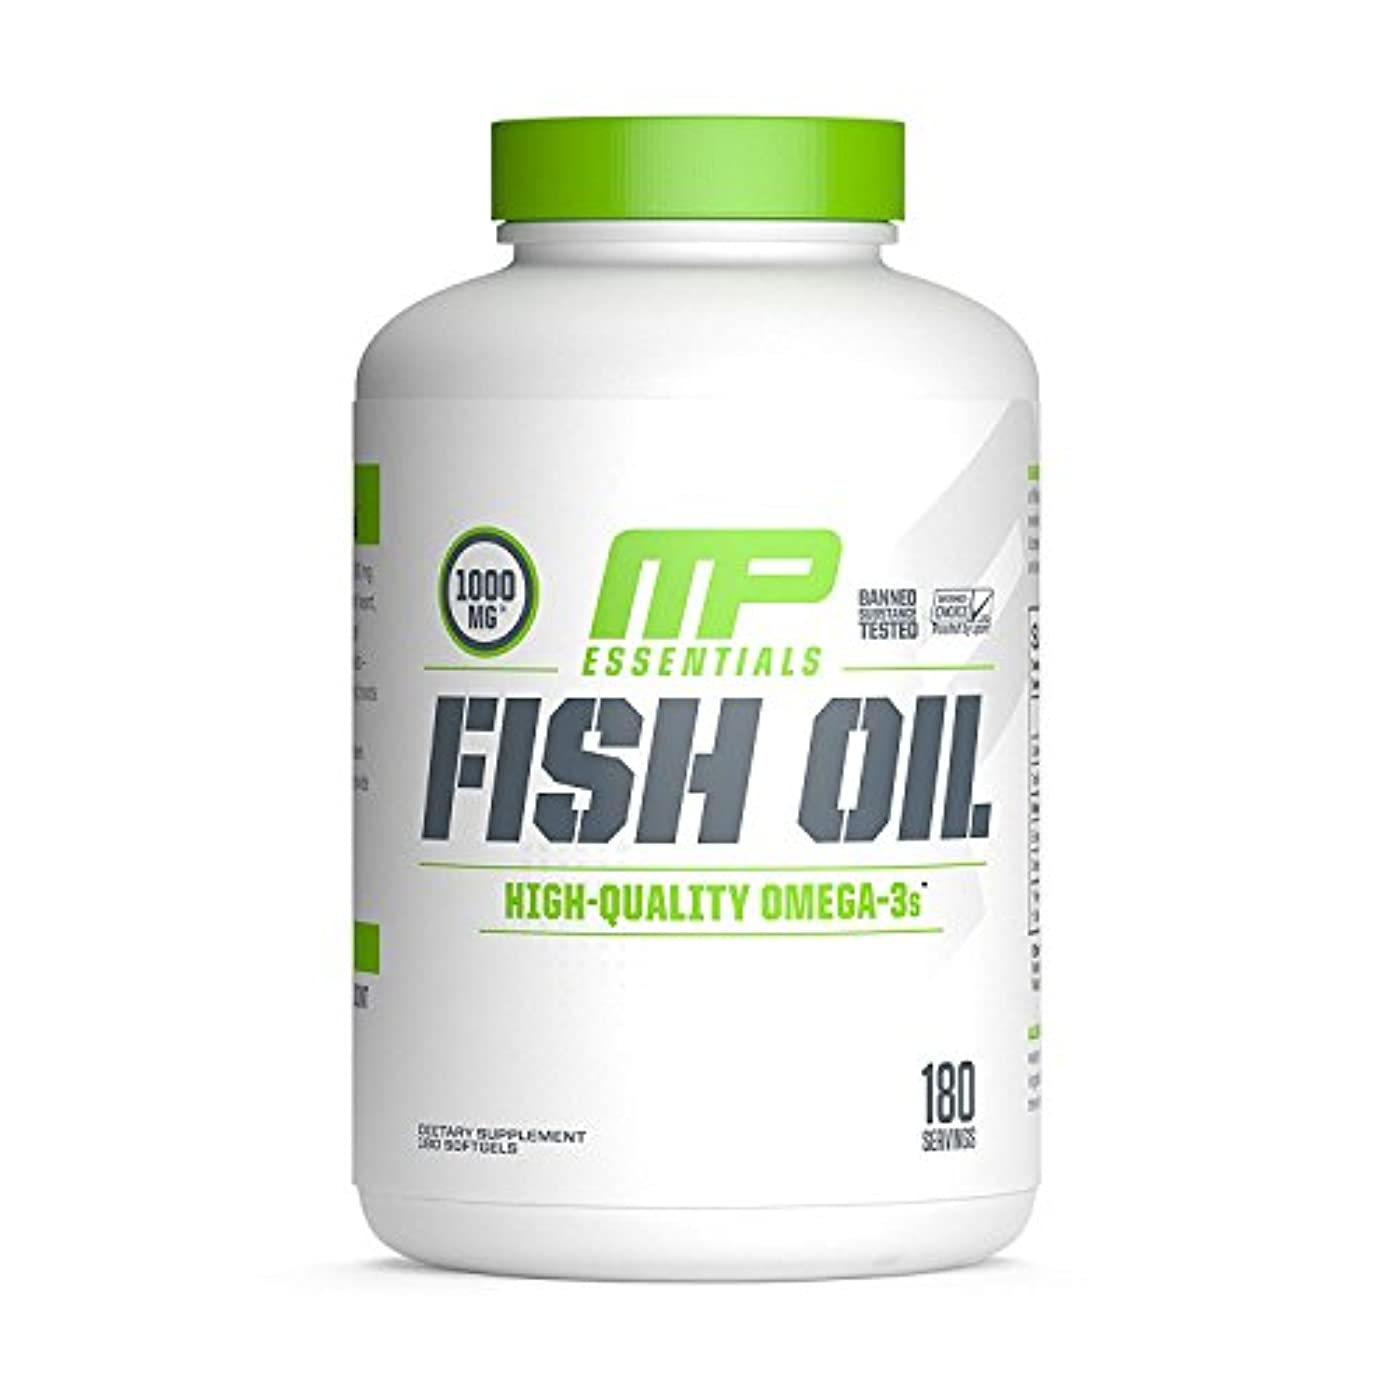 焦がす厳しい猫背海外直送品 MusclePharm, Fish Oil Essentials 180 Servings [並行輸入品]